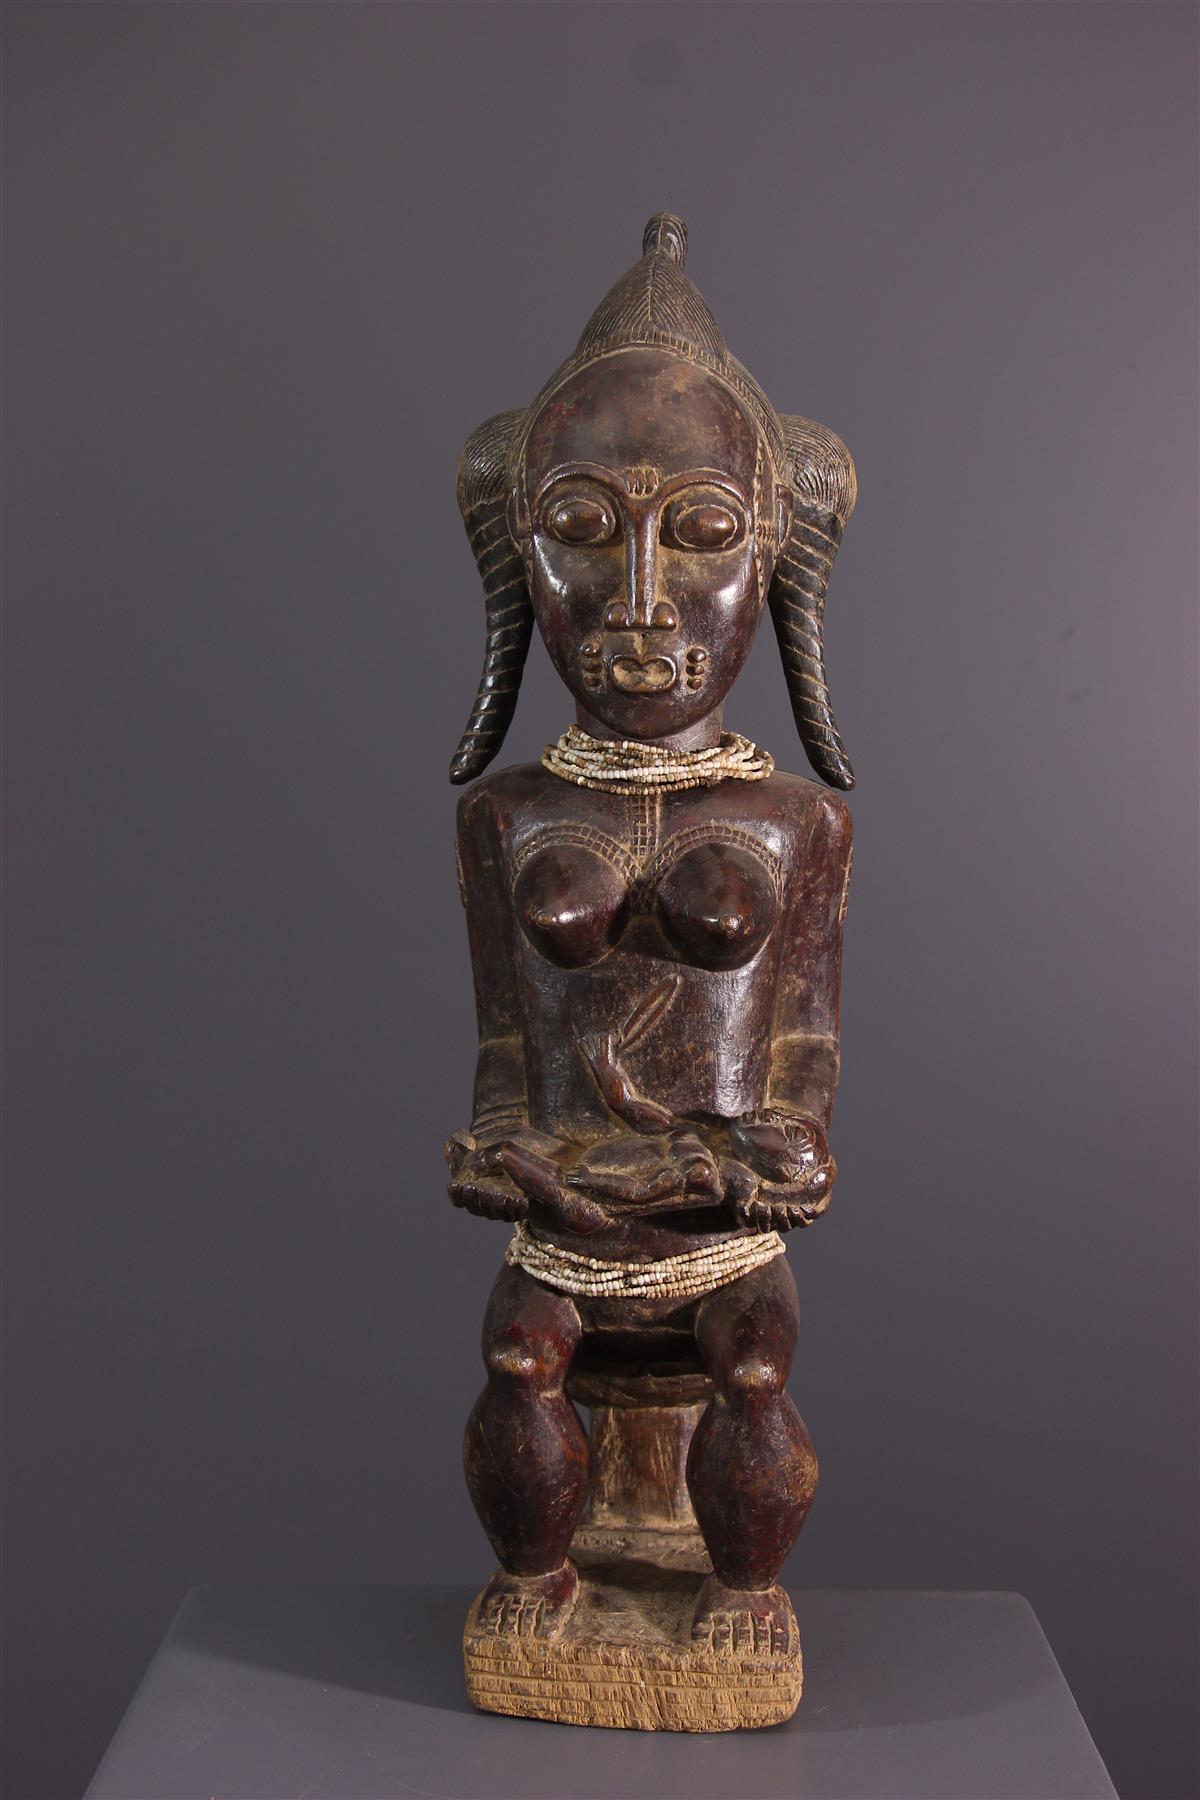 Beeld Baule - Afrikaanse kunst